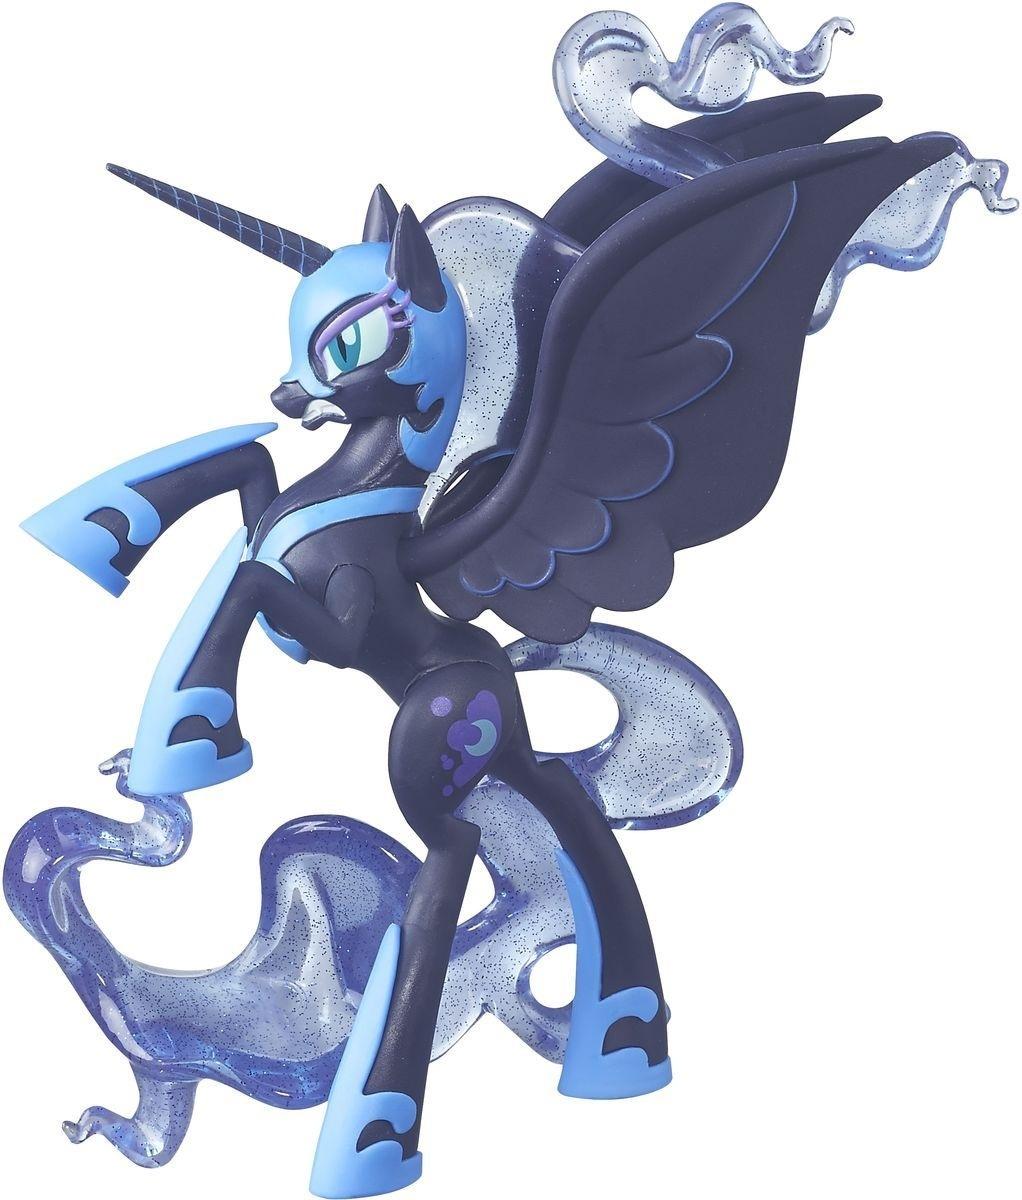 MLP Коллекционные фигурки «Принцесса»Фигурка My Little Pony Nightmare Moon изображает темное альтер-эго принцессы Луны. Принцесса отвечала за восход луны в Эквестрии до тех пор, пока в ней не пробудилась злая сторона. Злая Лунная пони (она же Найтмер Мун) захотела вечной ночи и единоличного правления.Фигурка из серии Стражи гармонии выполнена в атакующей позе. Можно представить, как она нападает на свою сестру, принцессу Селестию, в попытках завладеть троном.У фигурки Найтмер Мун проработаны все детали, включая подходящее напряженной ситуации выражение мордочки. Грива и хвост пони выполнены из полупрозрачного пластика с блестками внутри, так что они напоминают звездное небо. Фигурка выполнена очень качественно и выглядит словно живая.<br>